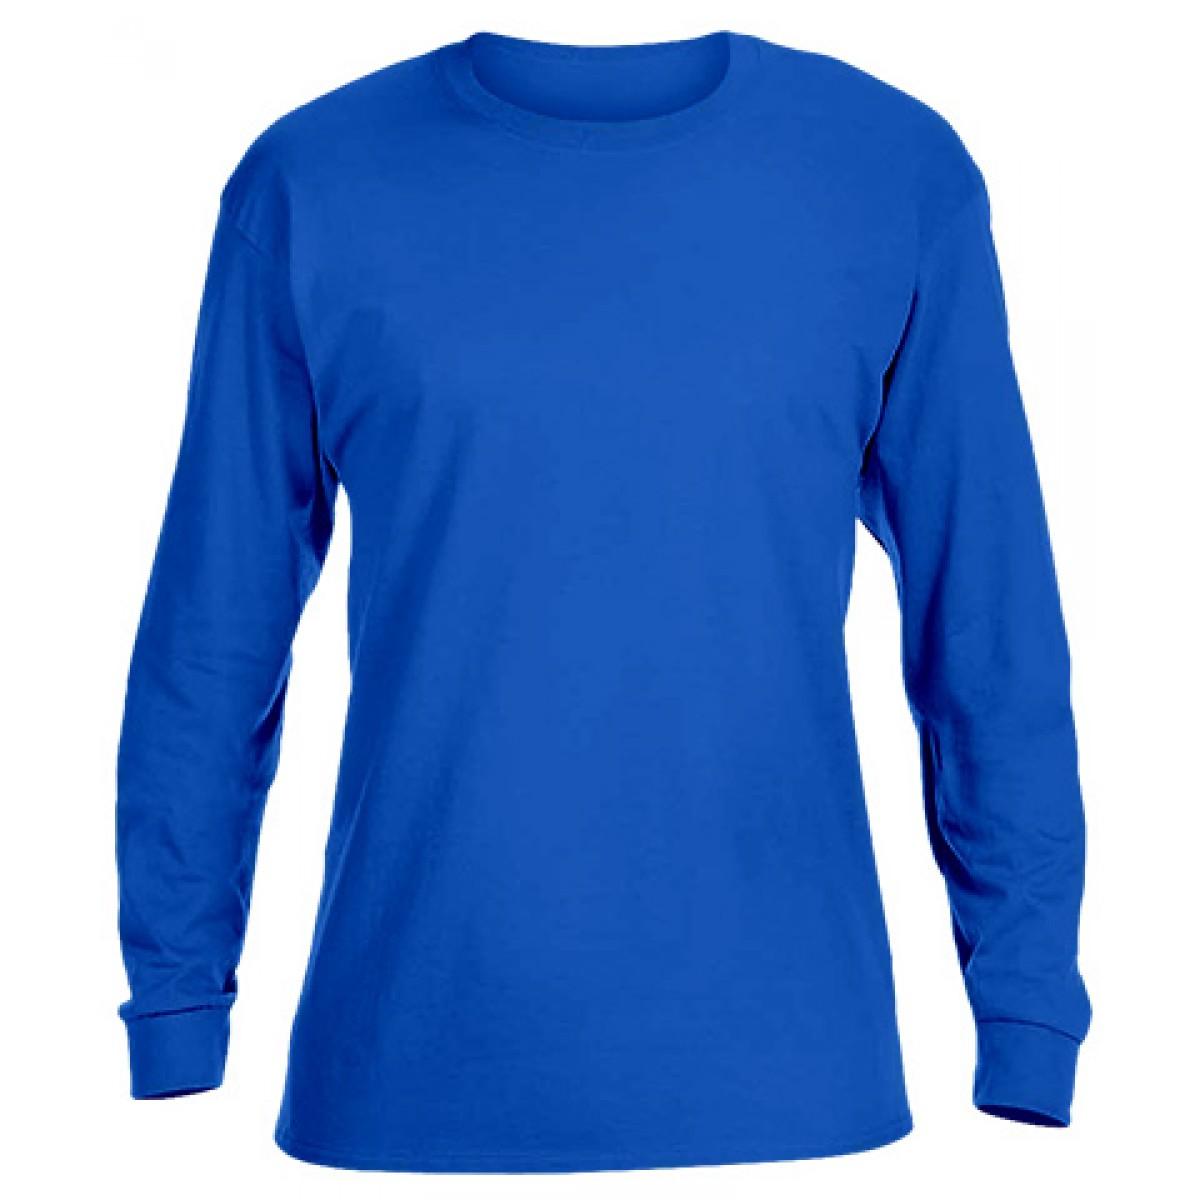 Basic Long Sleeve Crew Neck Royal Blue